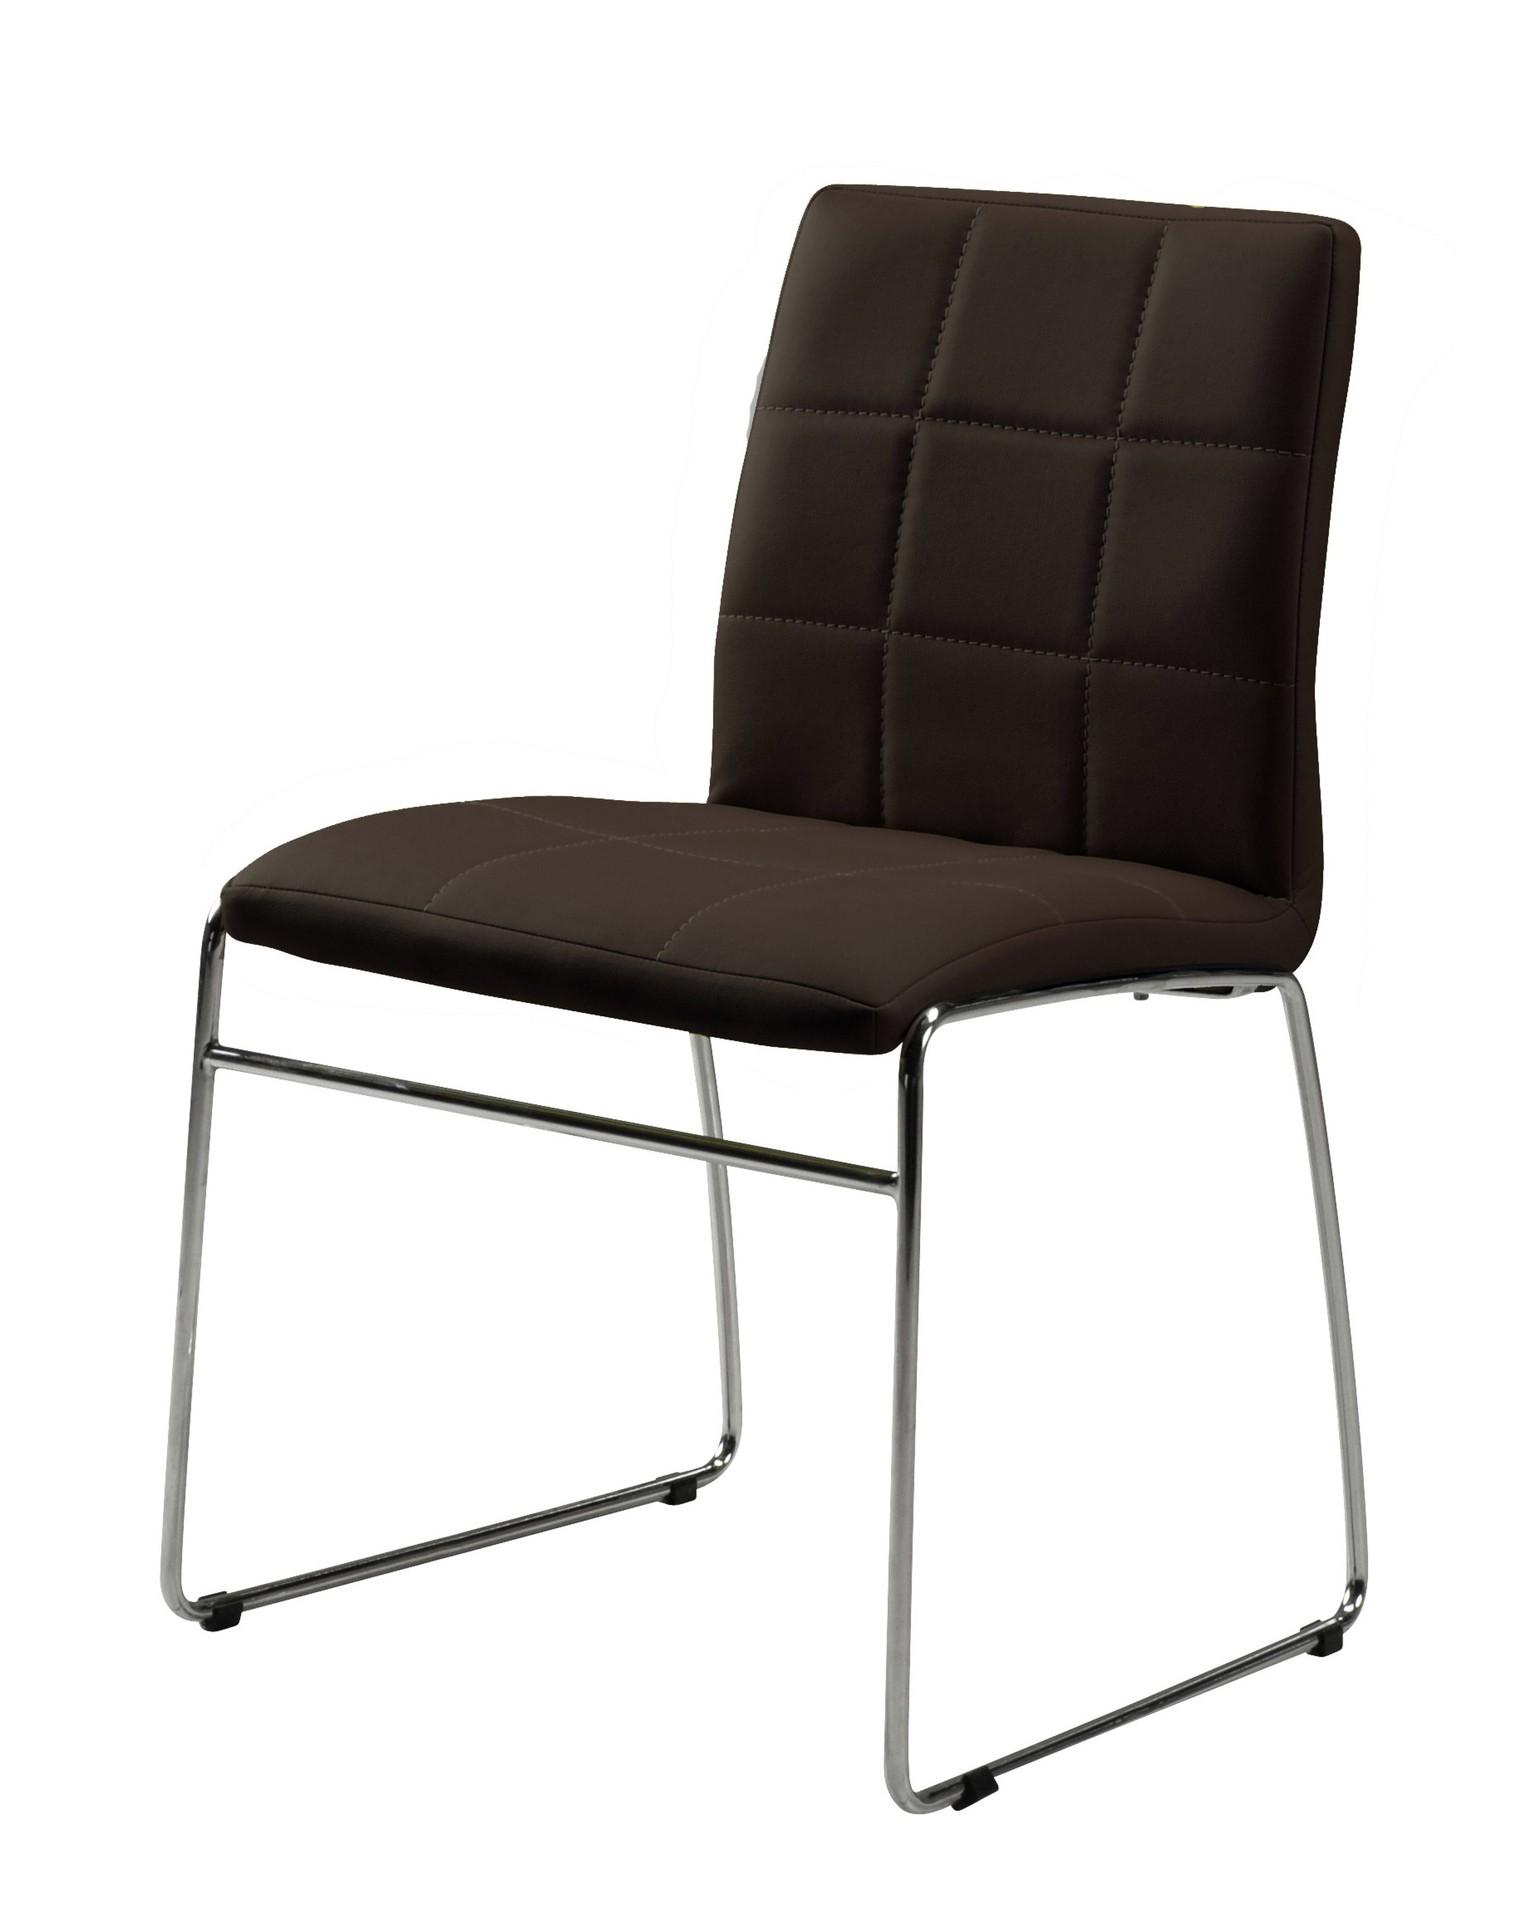 17 sparen esszimmerstuhl cube antibraun nur 49 95 cherry m bel d nisches bettenlager. Black Bedroom Furniture Sets. Home Design Ideas